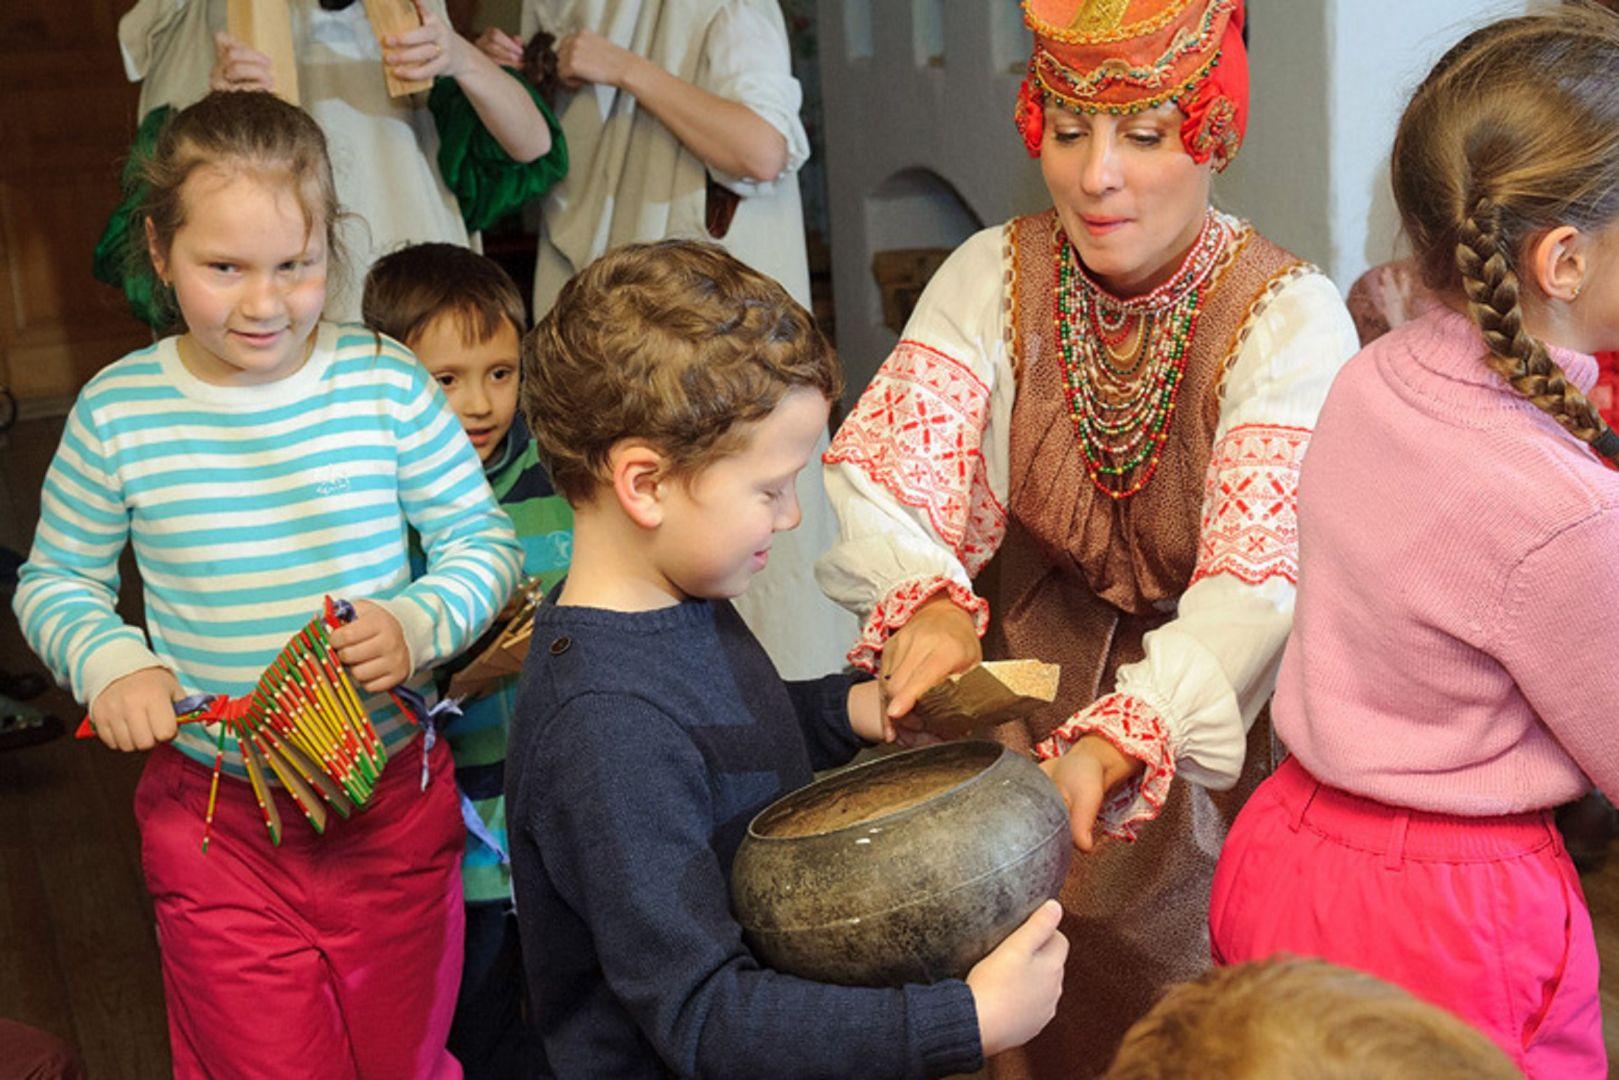 На Ставрополье запустили детскую интерактивную программу по мотивам сказок «Азбуки» Льва Толстого